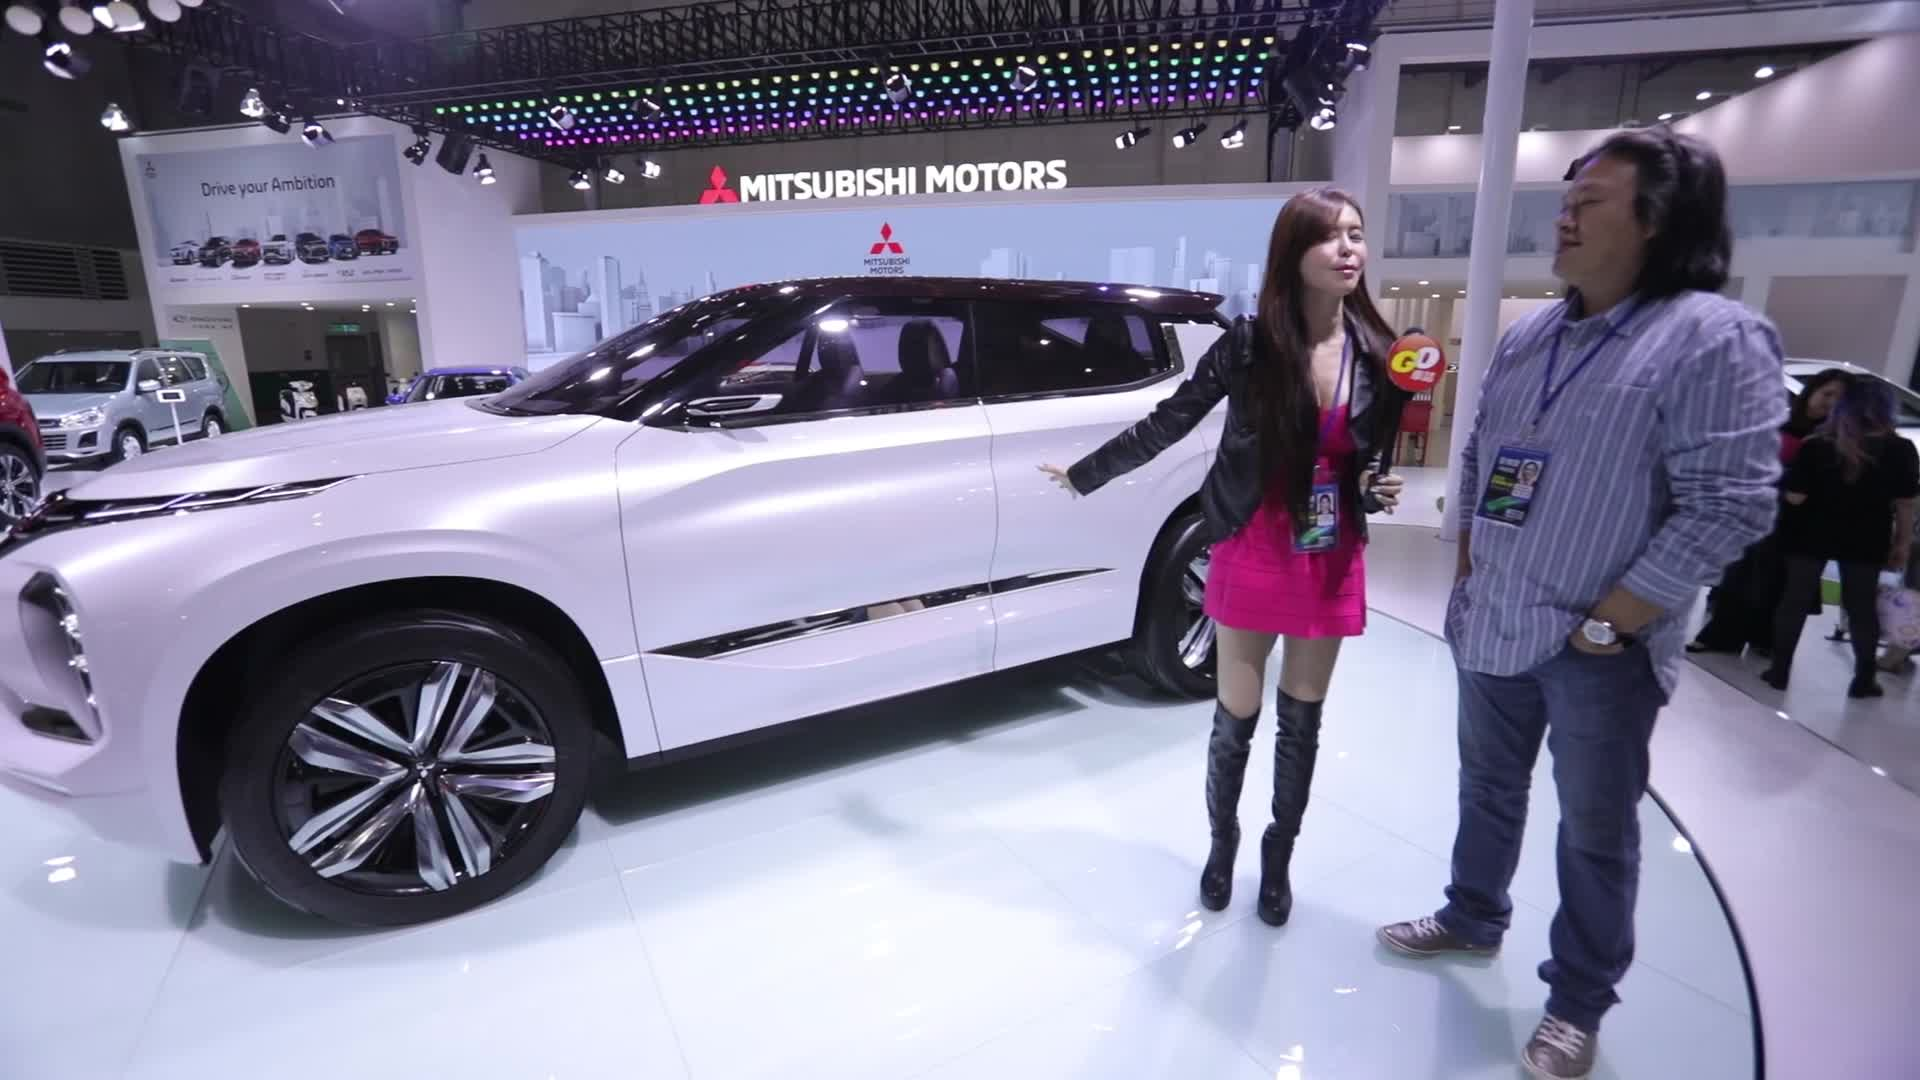 Mitsubishi - 2018 世界新車大展 | 特別報導